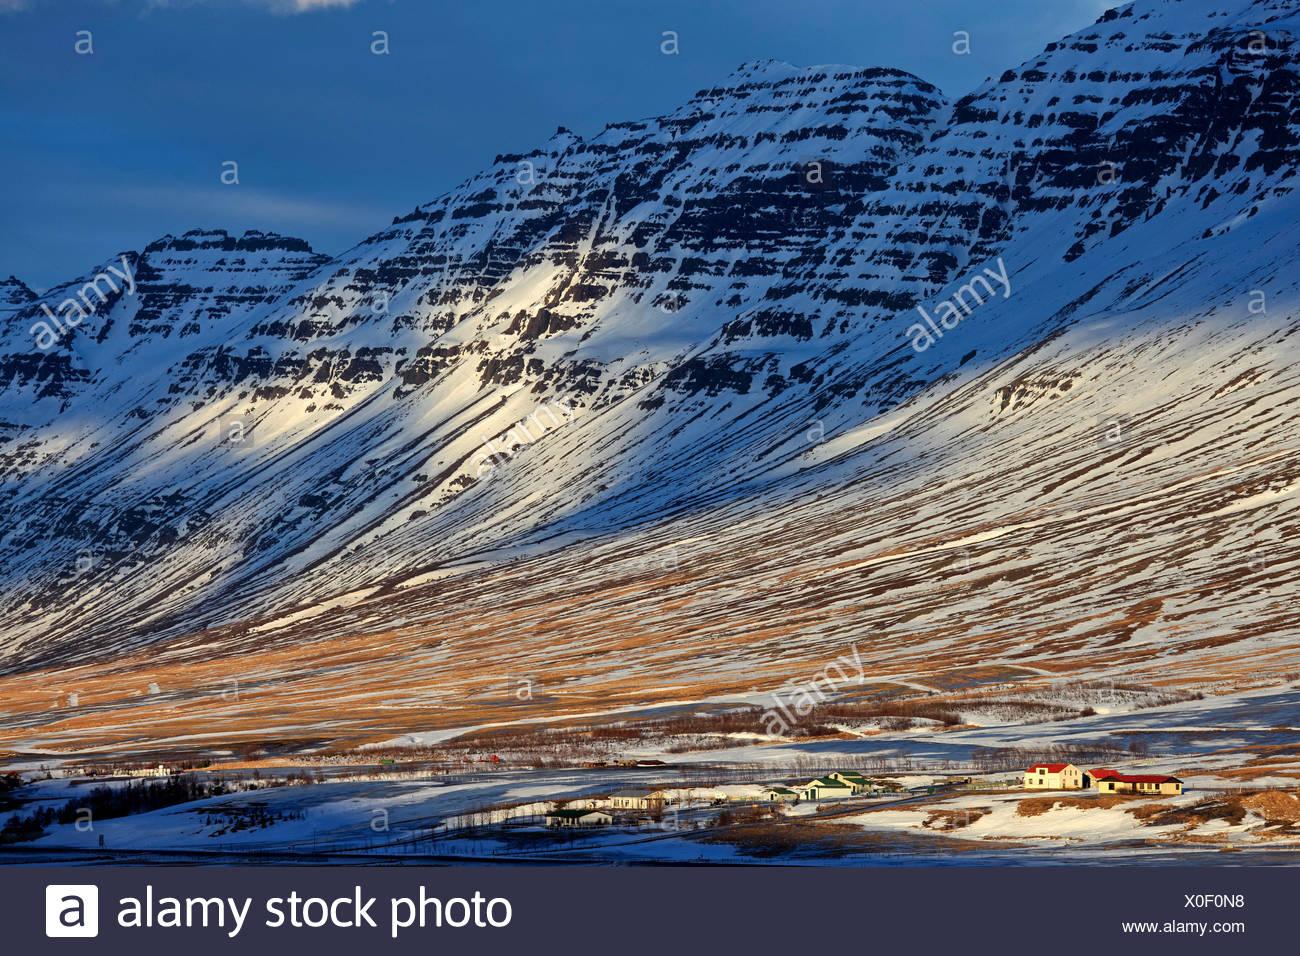 Iceland, Austurland, east fjords, eastern iceland, Neskaupstadur - Stock Image